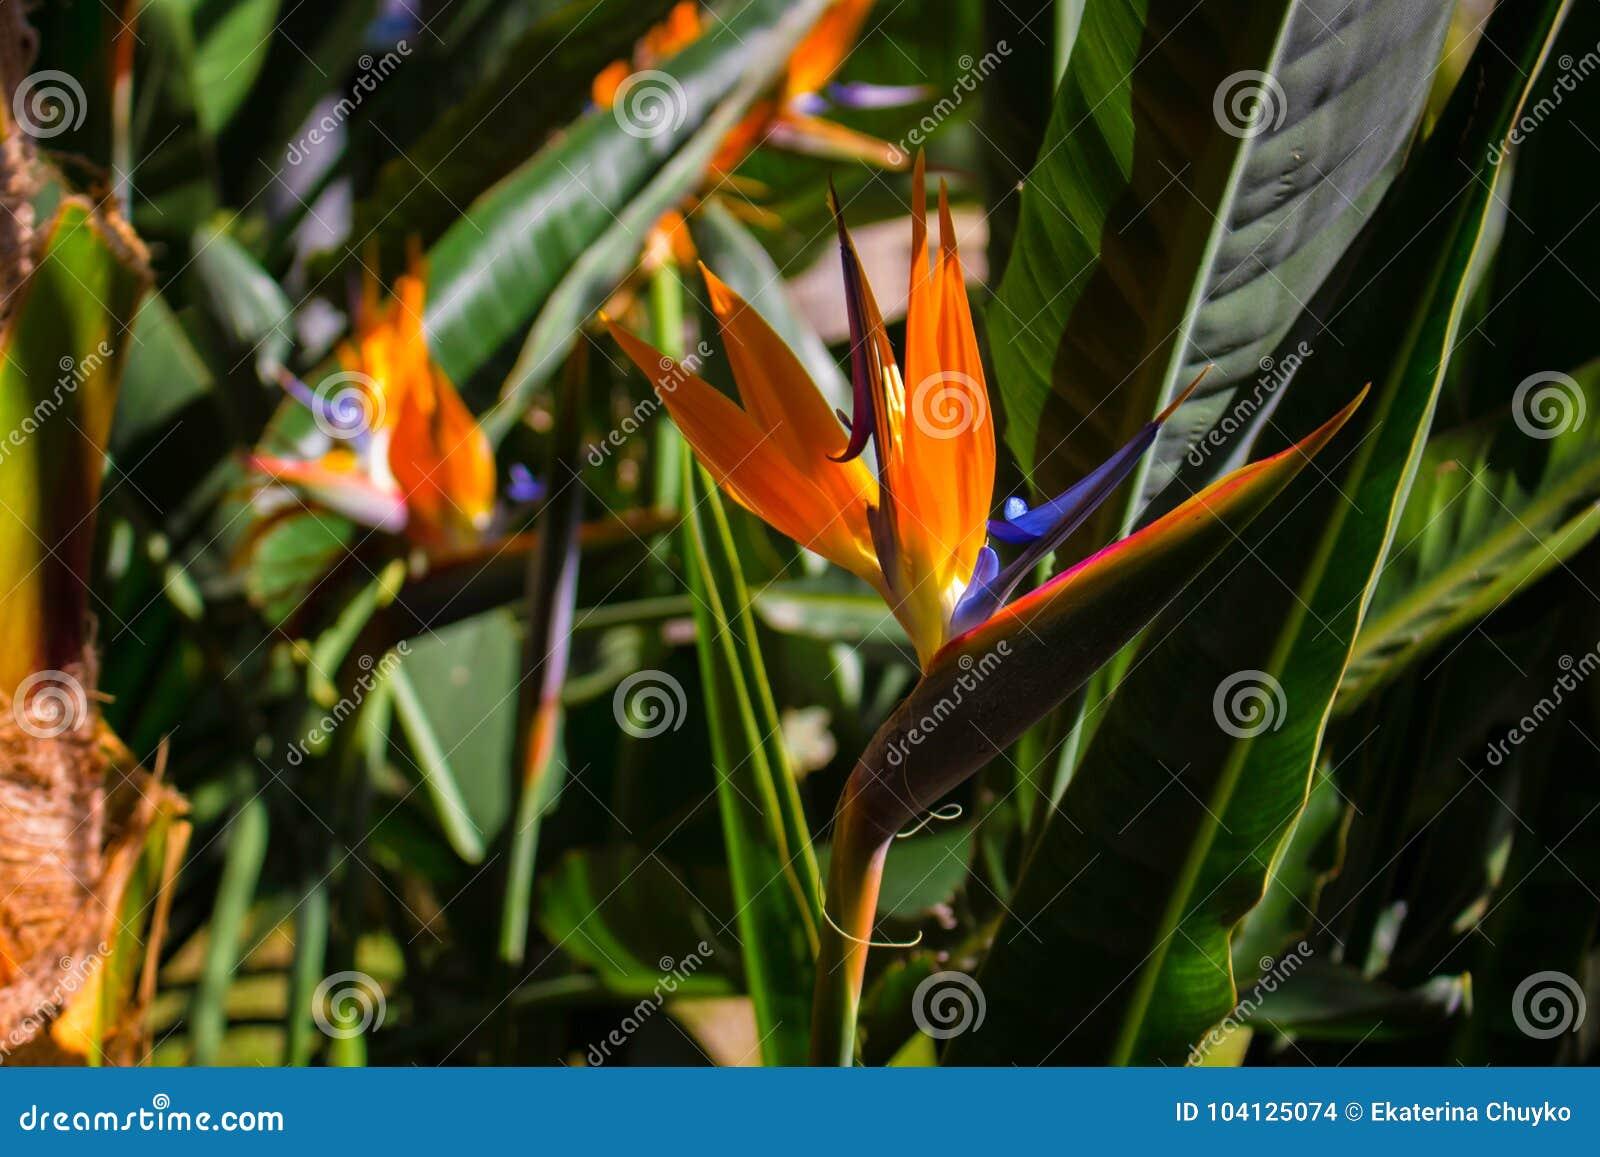 Pianta Fiori Arancioni.Strelizia Pianta Tropicale Con Il Fiore Arancio Fotografia Stock